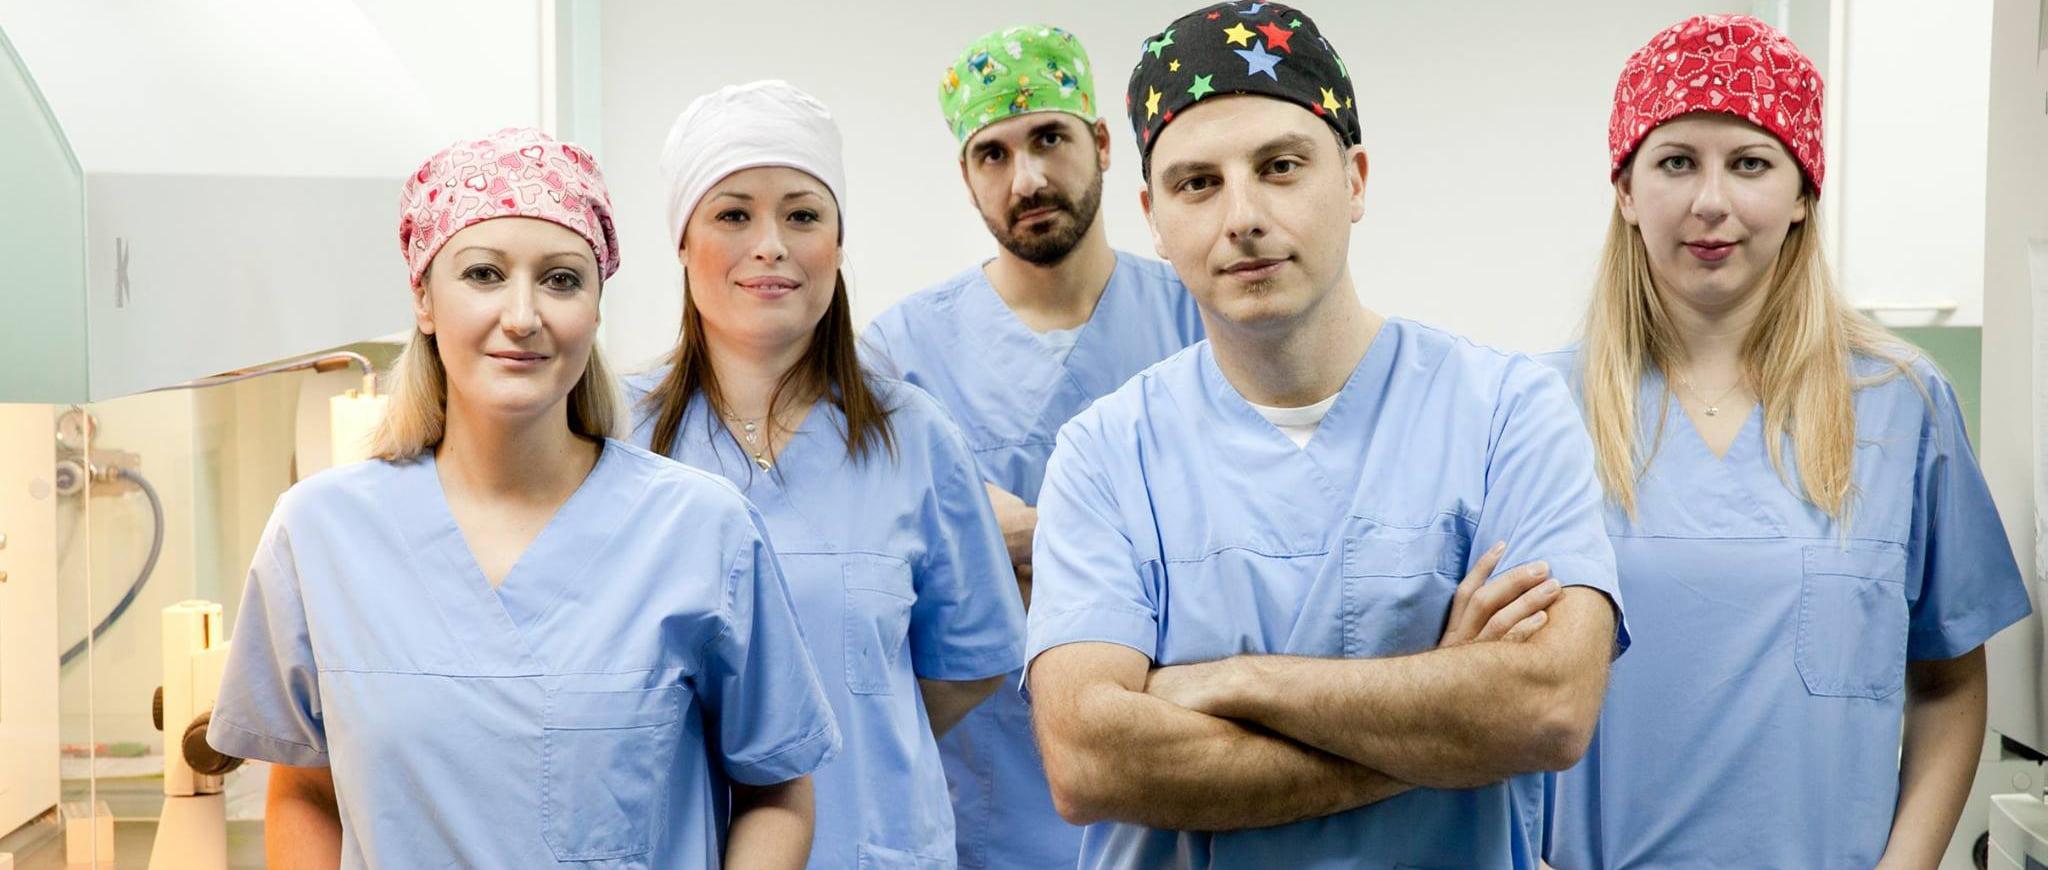 Iakentro équipe médicale